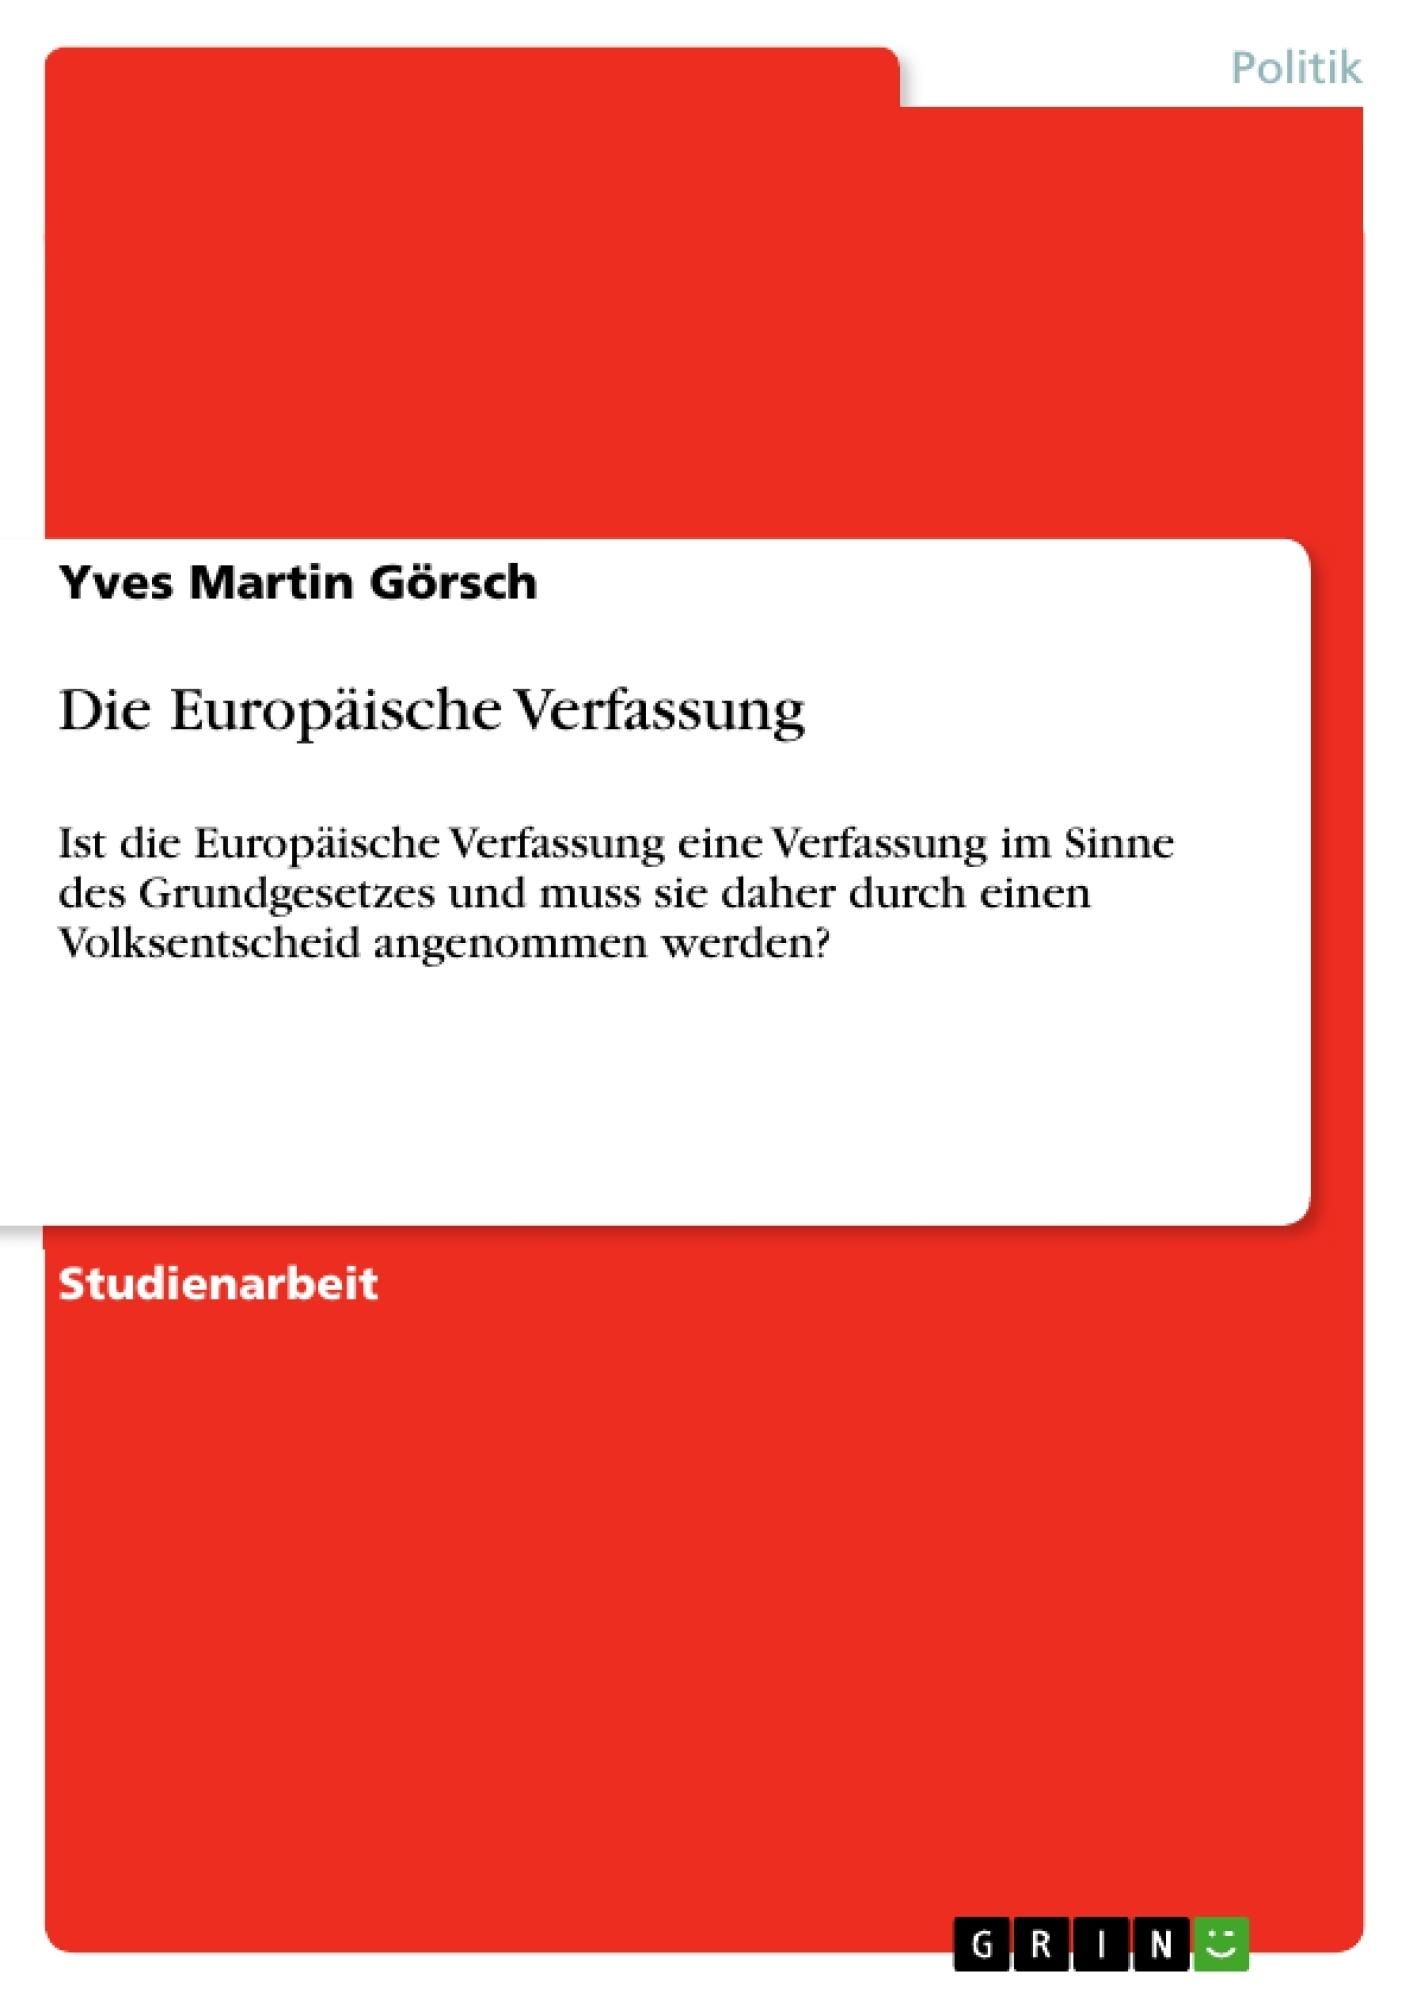 Titel: Die Europäische Verfassung